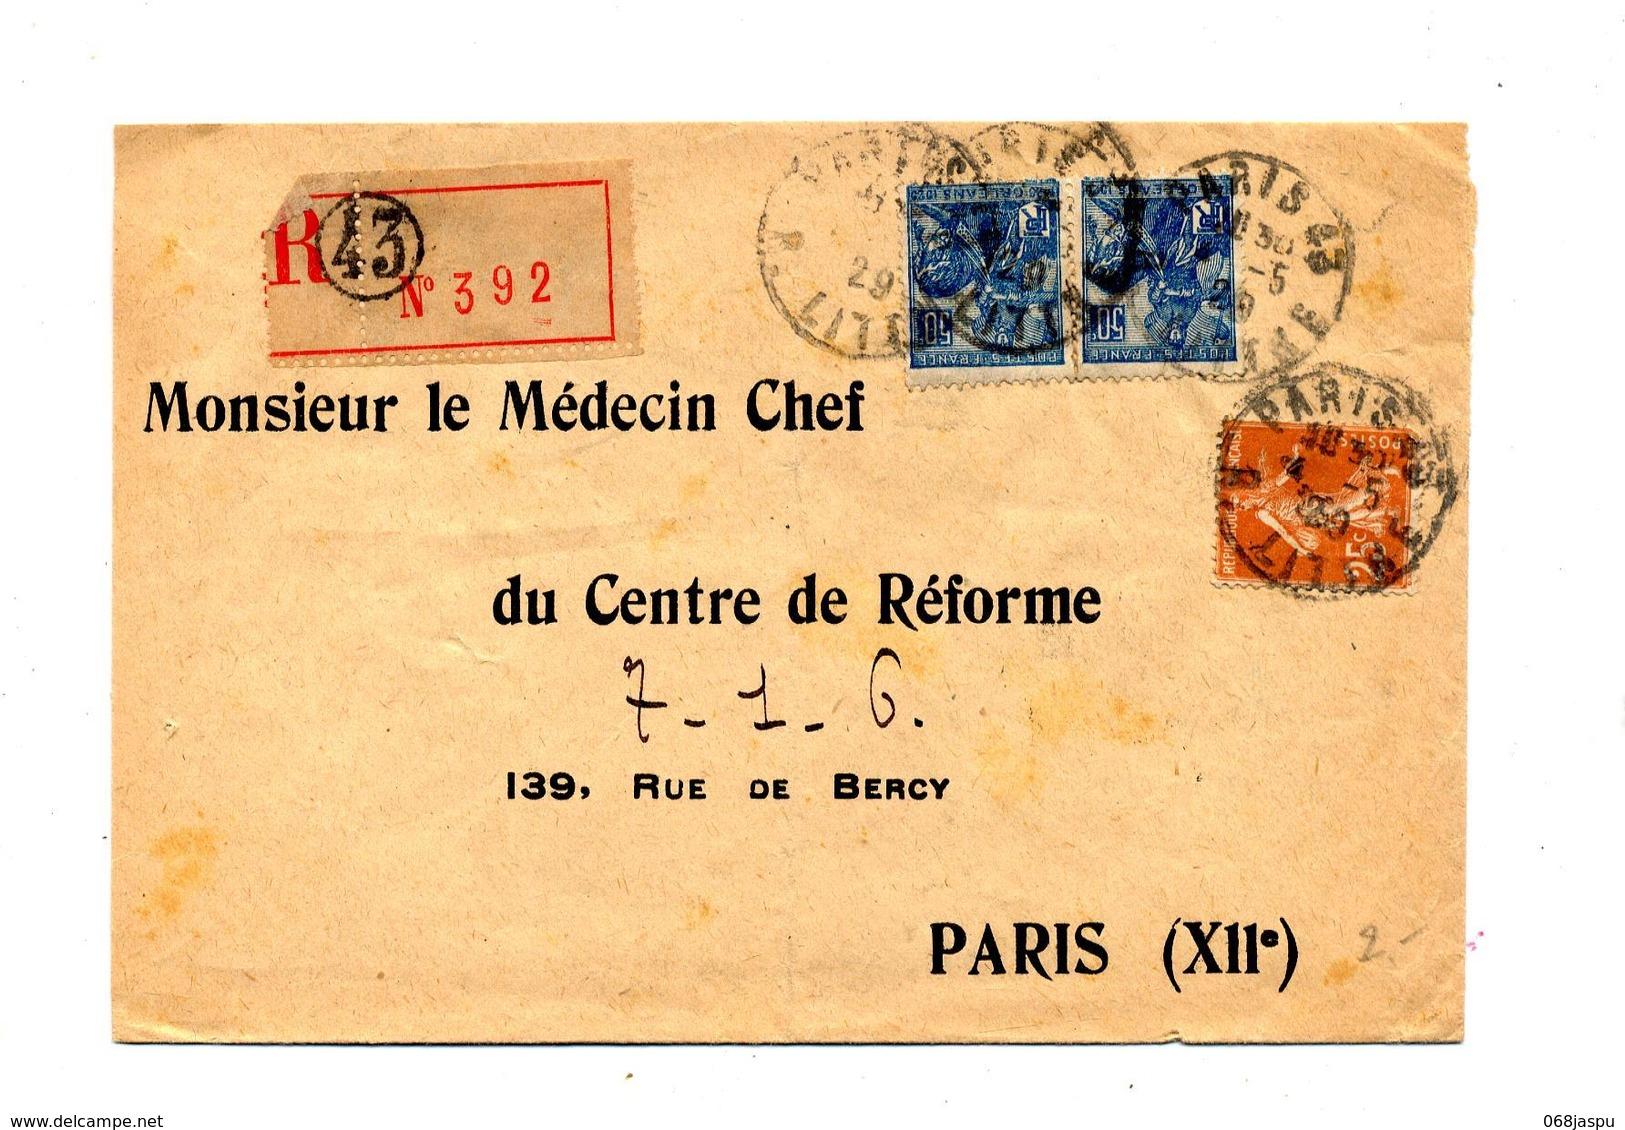 Lettre Recommandée Paris 43 Sur Jeanne D'arc Semeuse - Cachets Manuels